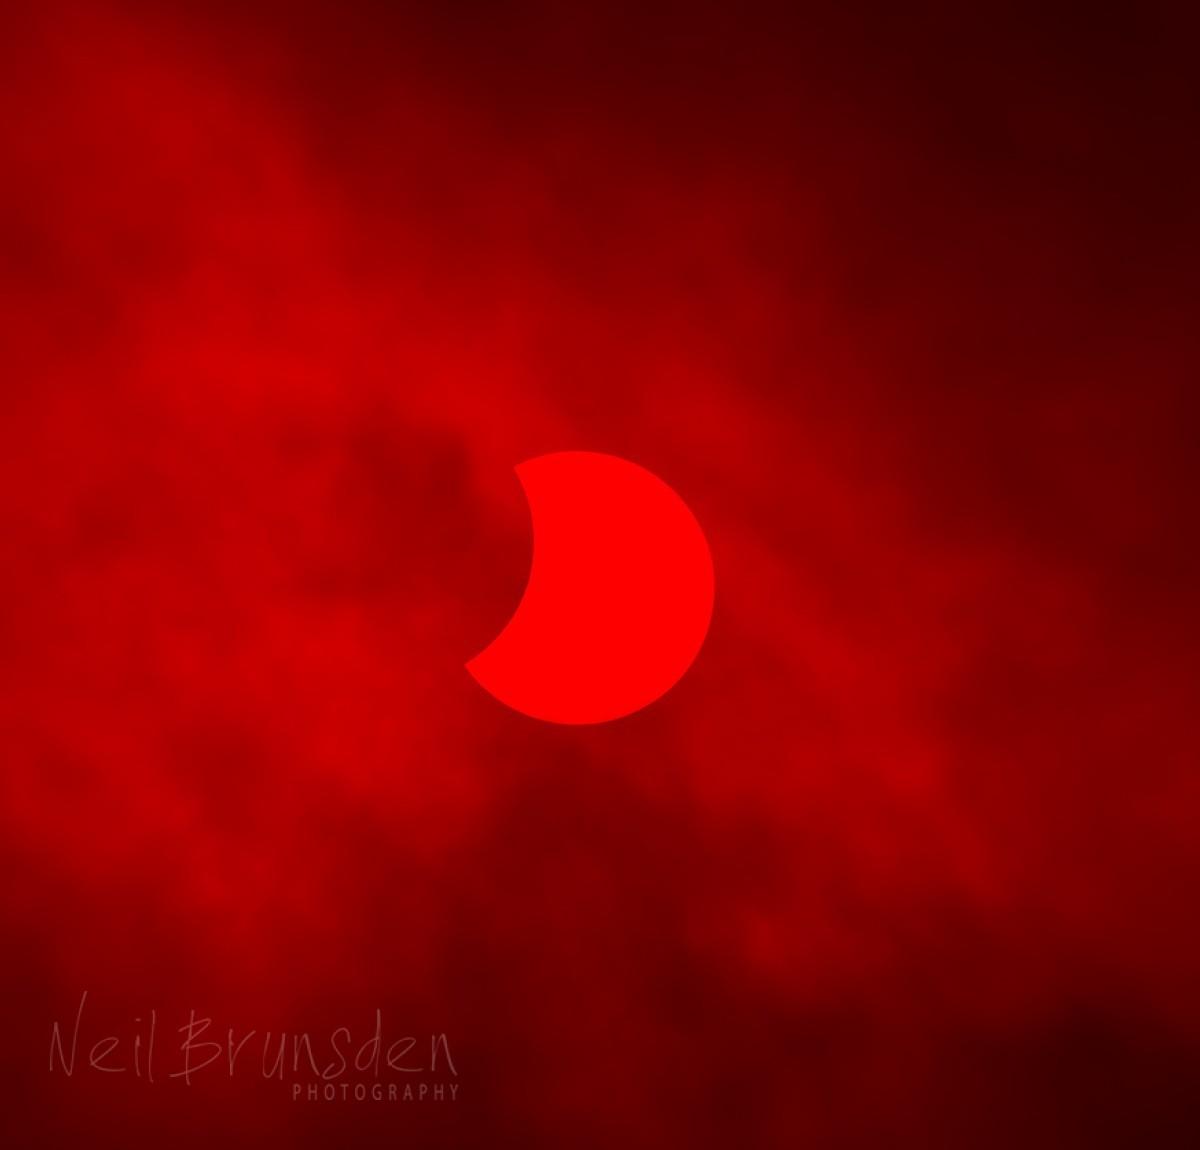 Mancunian Solar Eclipse 4